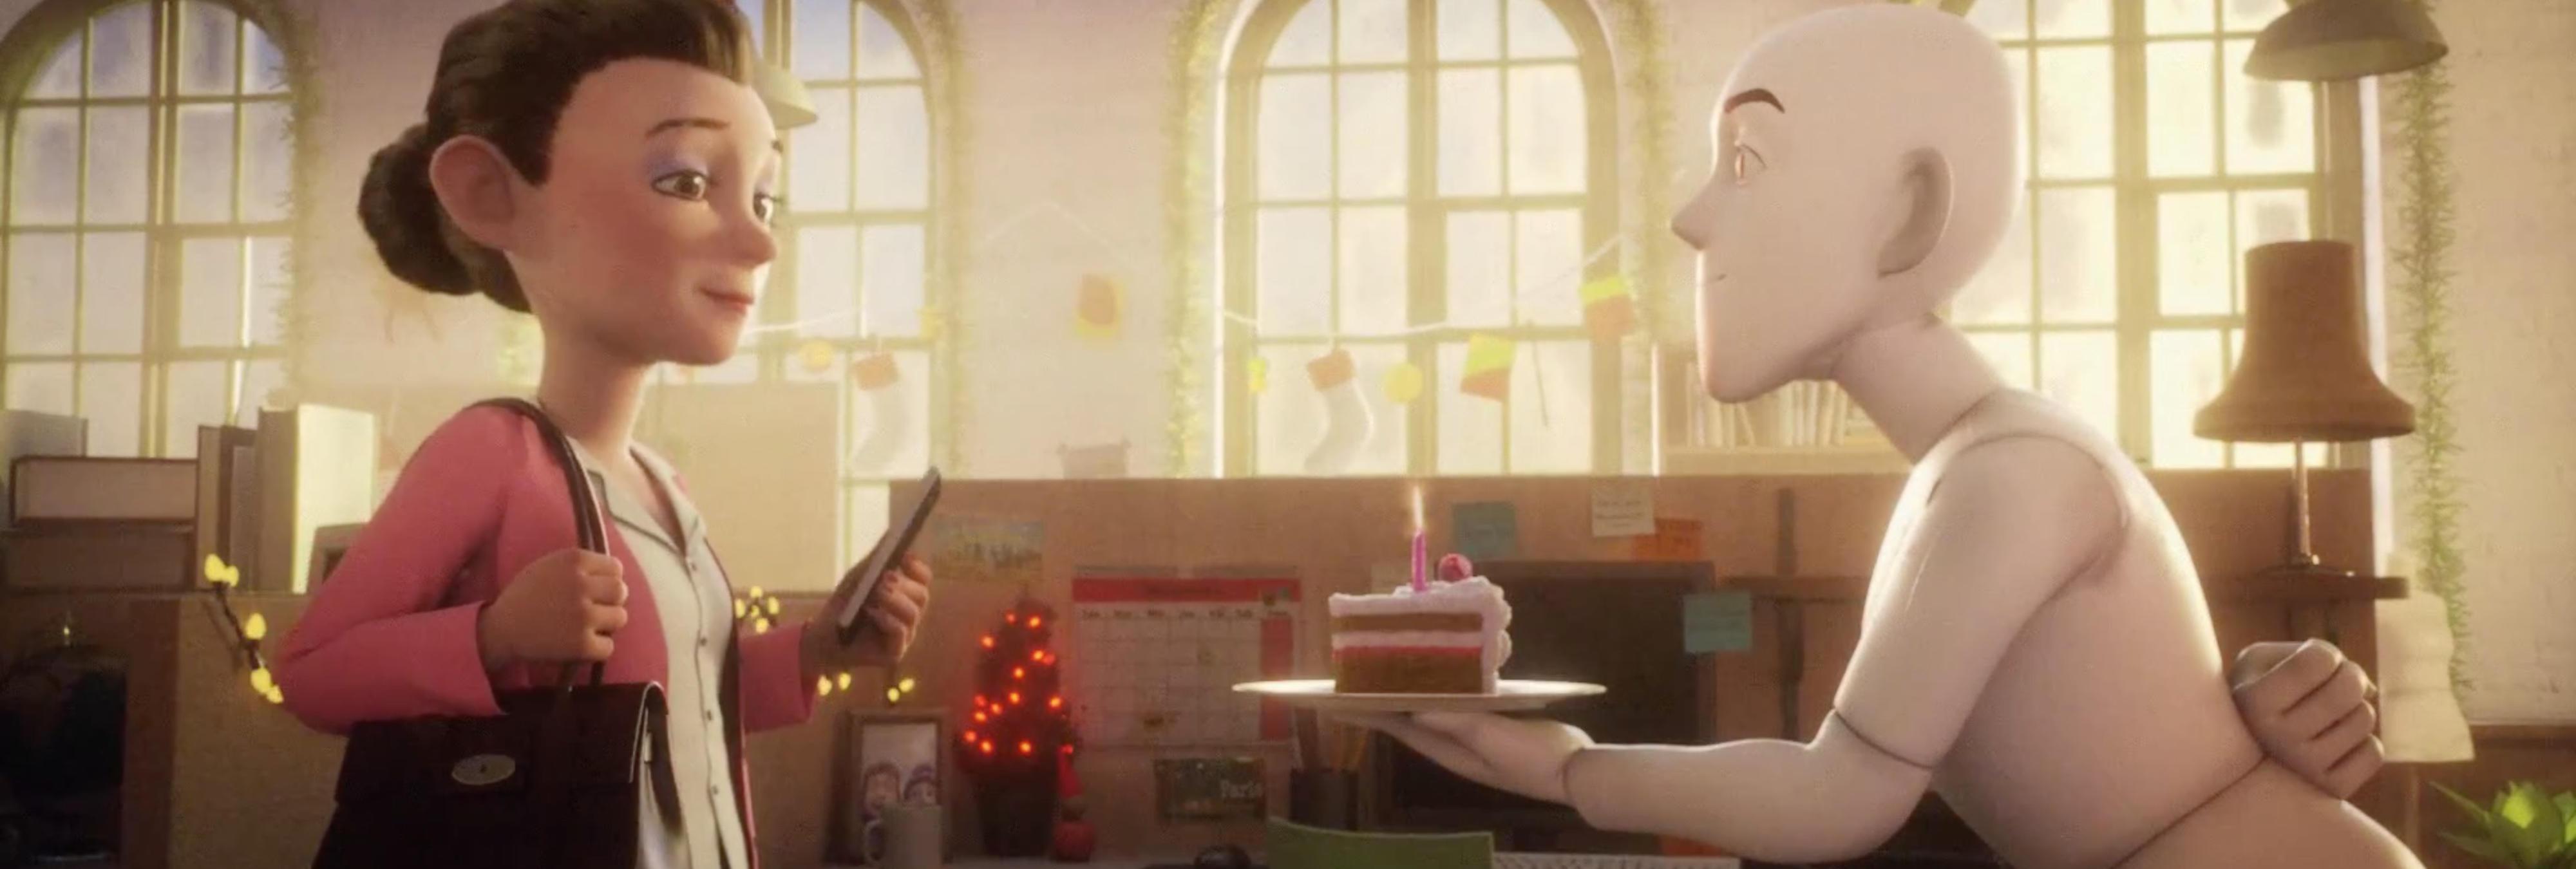 La lotería de Navidad se renueva con Justino, el anuncio animado